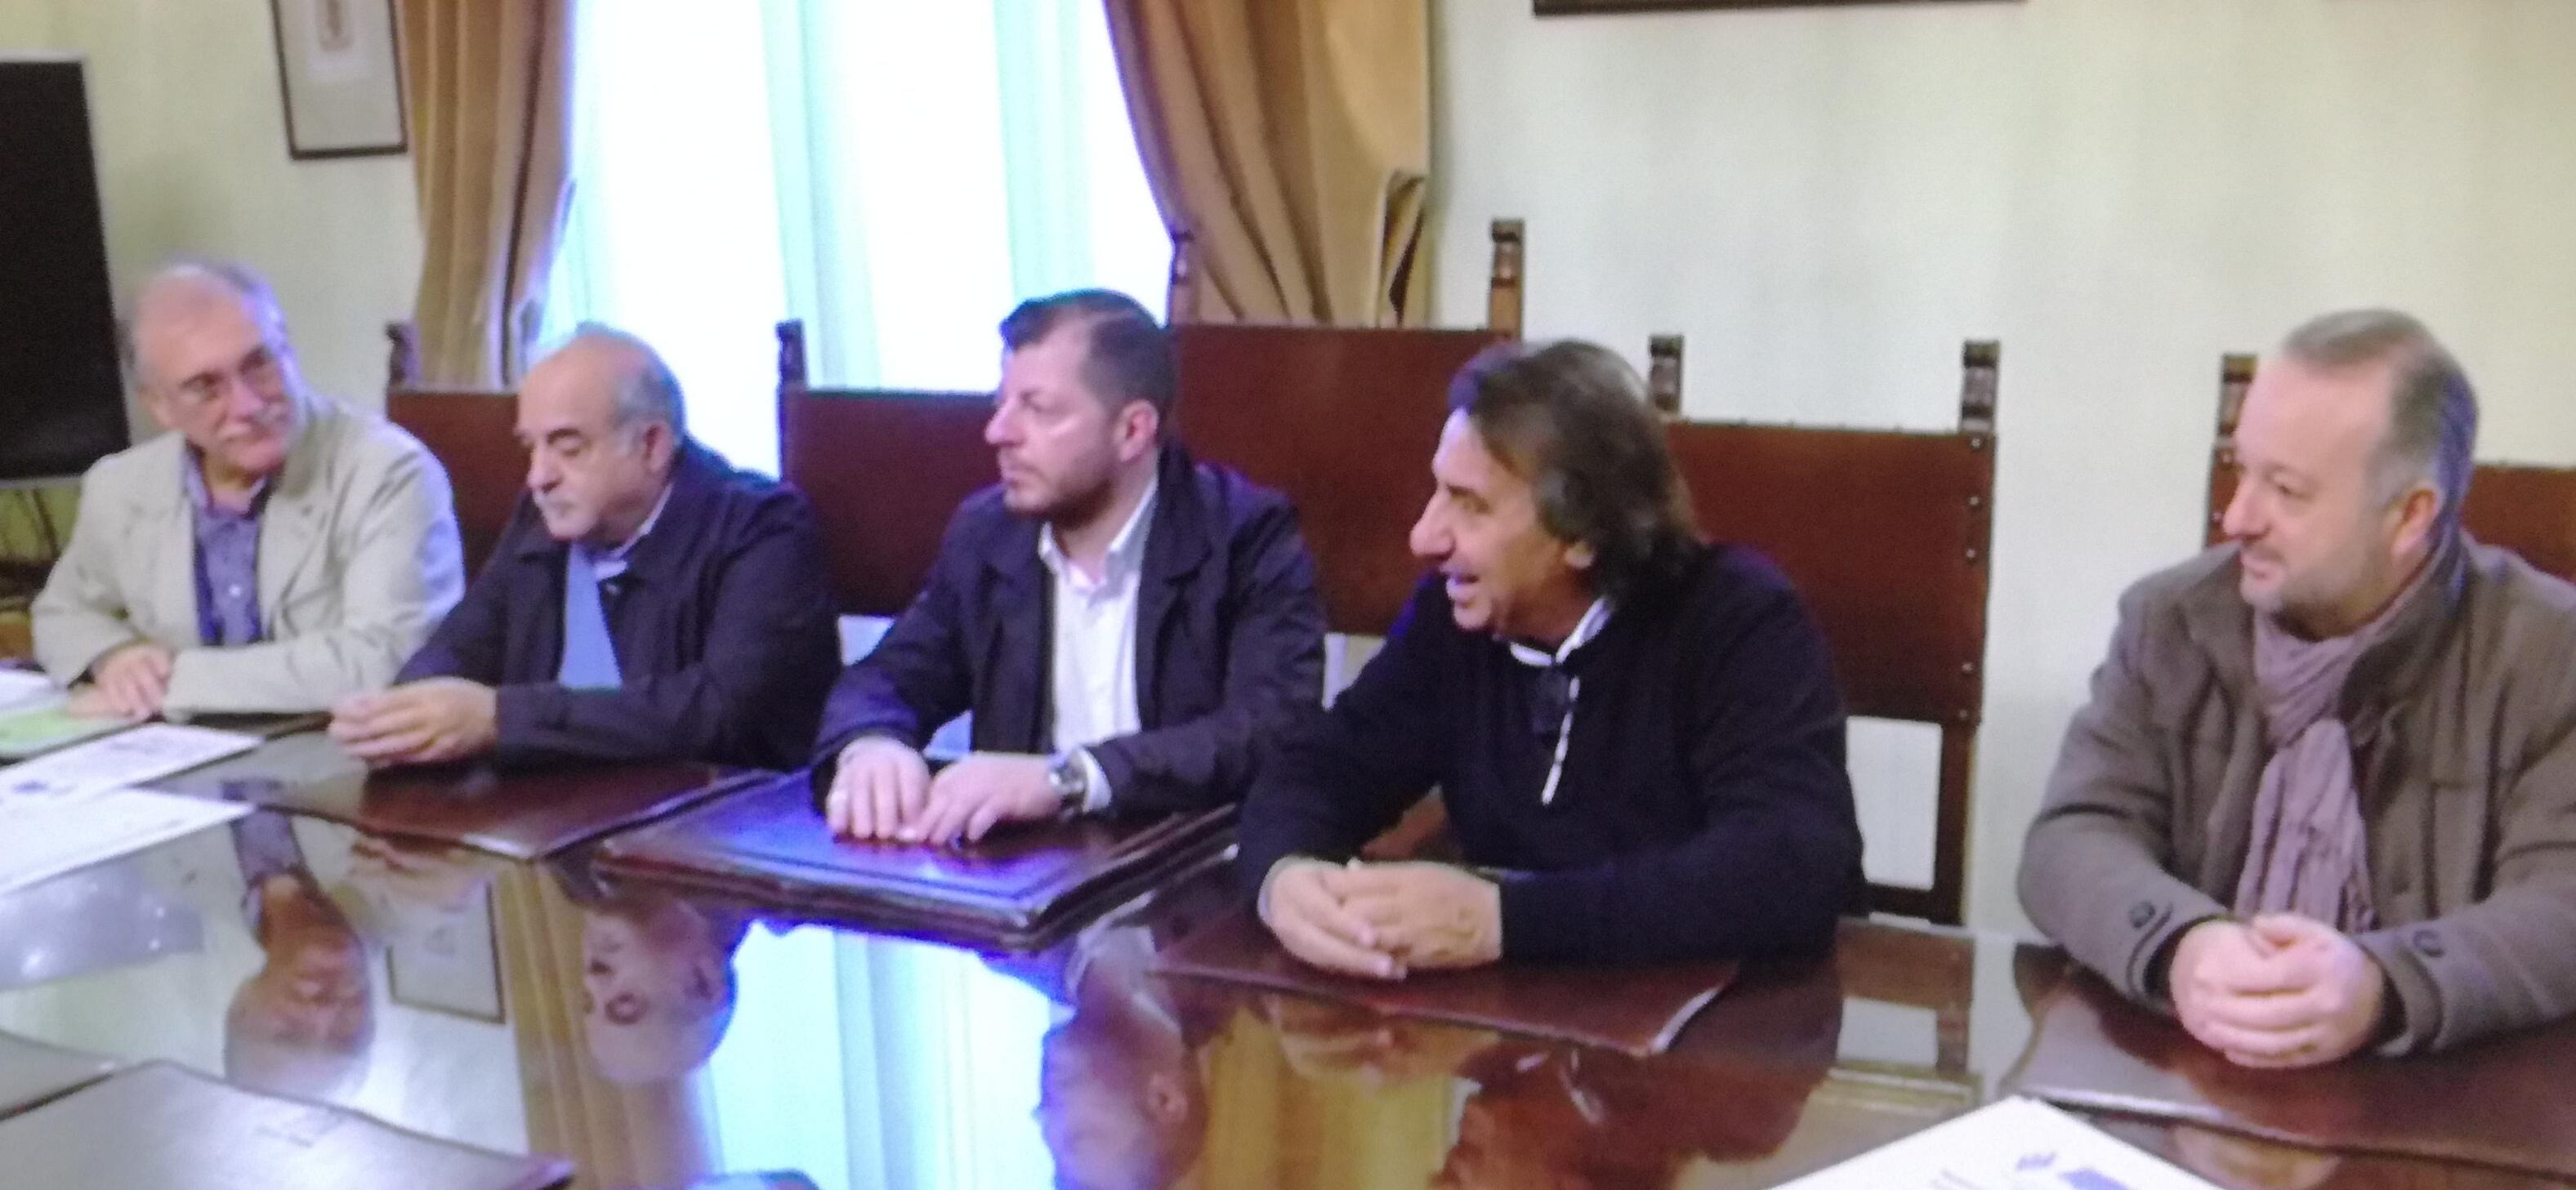 Pescara Fiere, due importanti eventi nei prossimi giorni